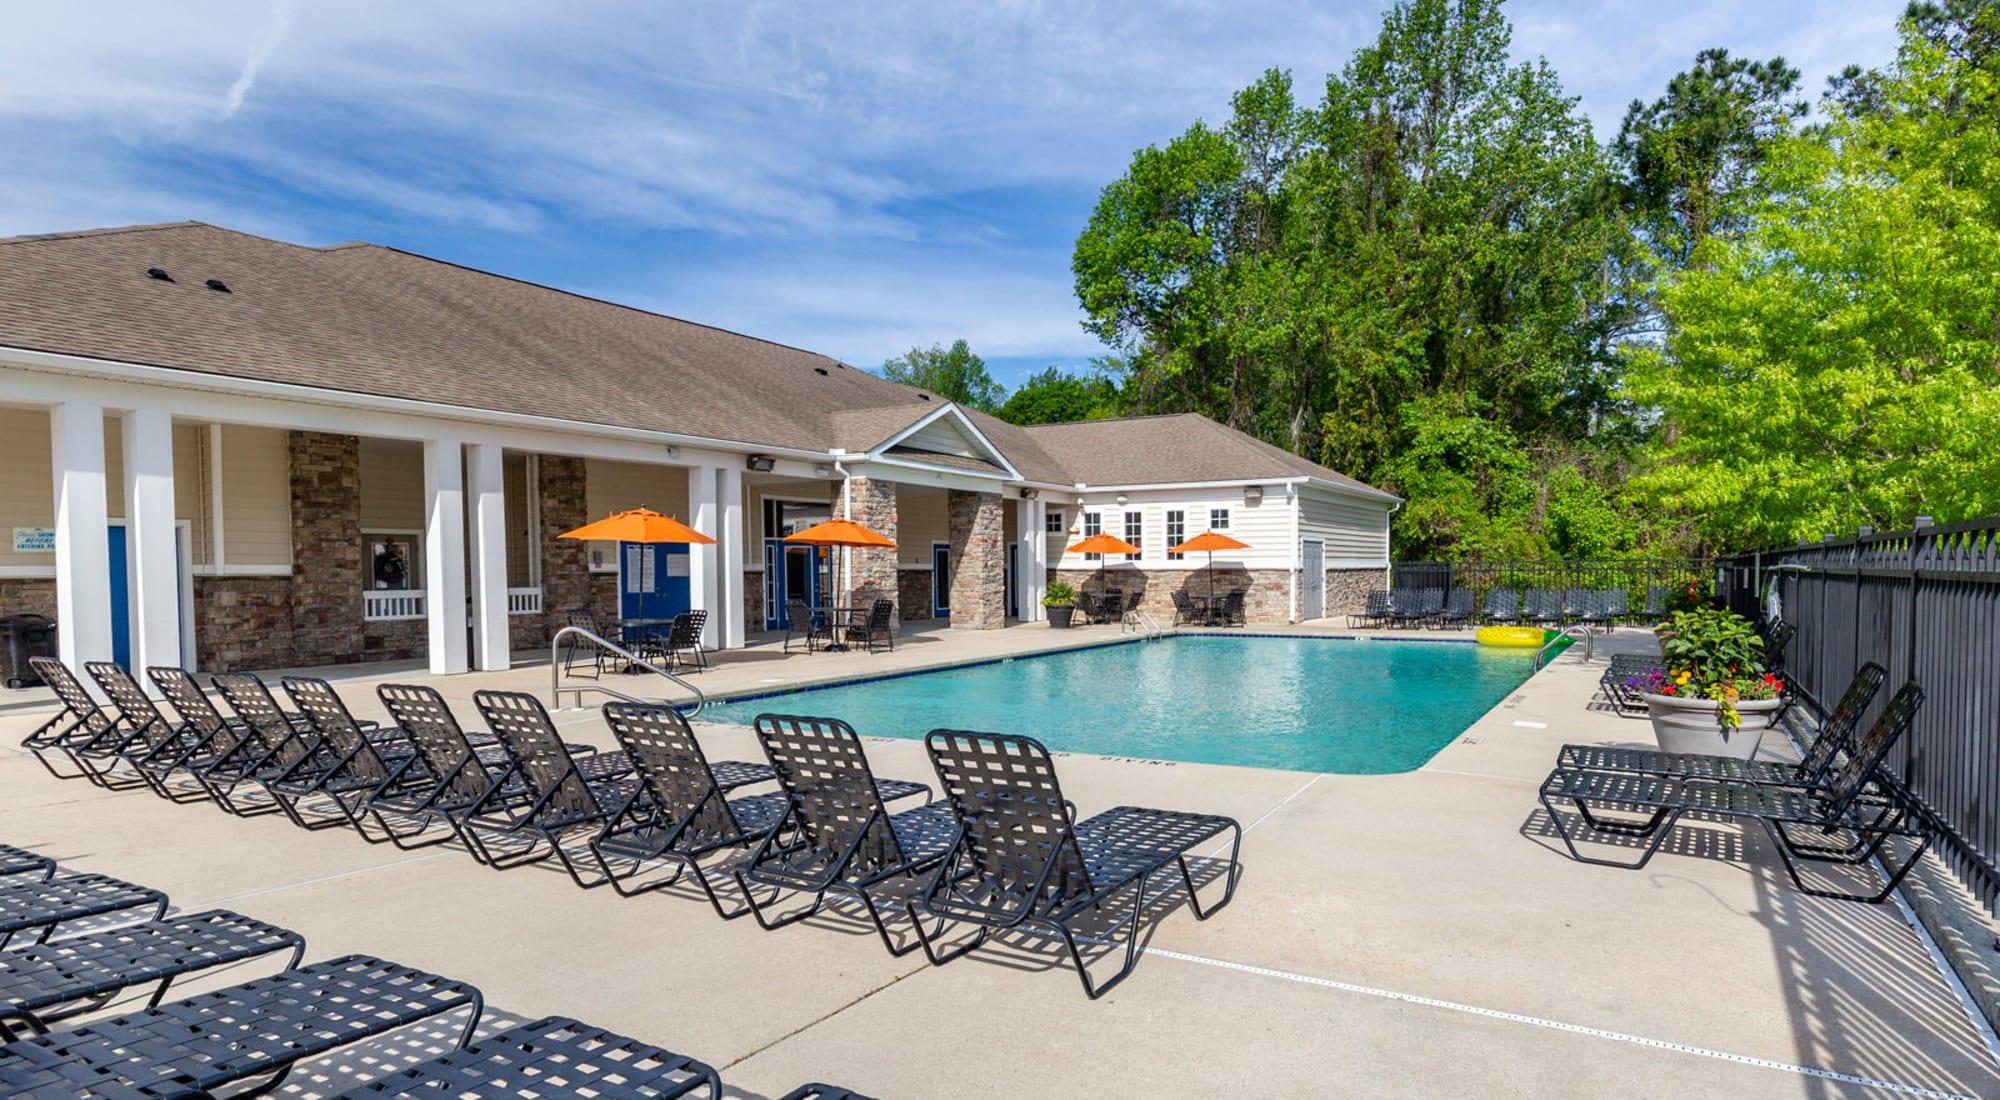 Apartments at Sunchase Apartments in Greenville, North Carolina